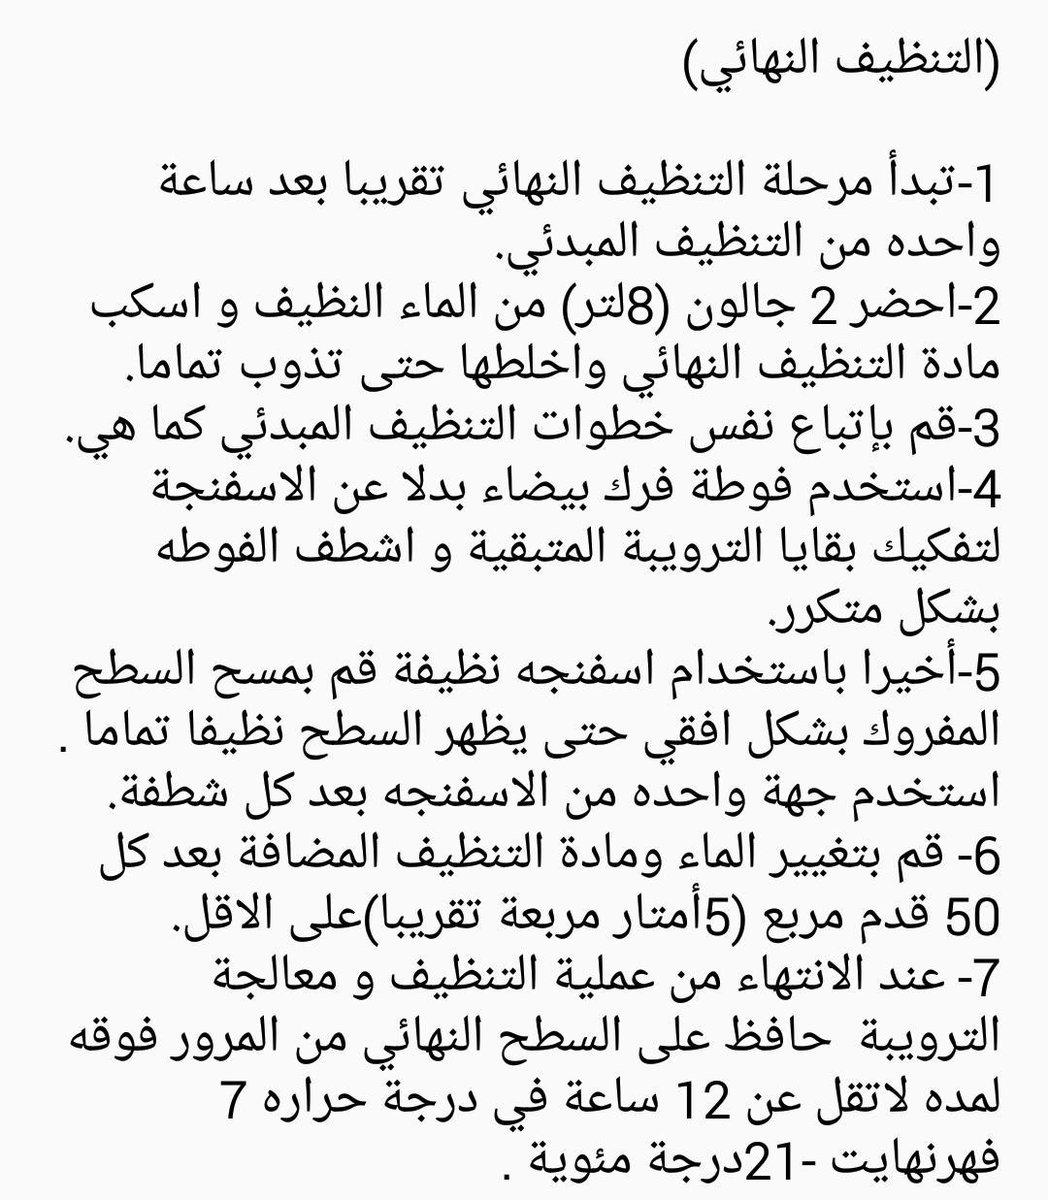 المقاول السعودي On Twitter توصية شركة لاتكريت في تنظيف البلاط من الترويبة بعد الانتهاء من تركيبها Http T Co Hawxmg26ww